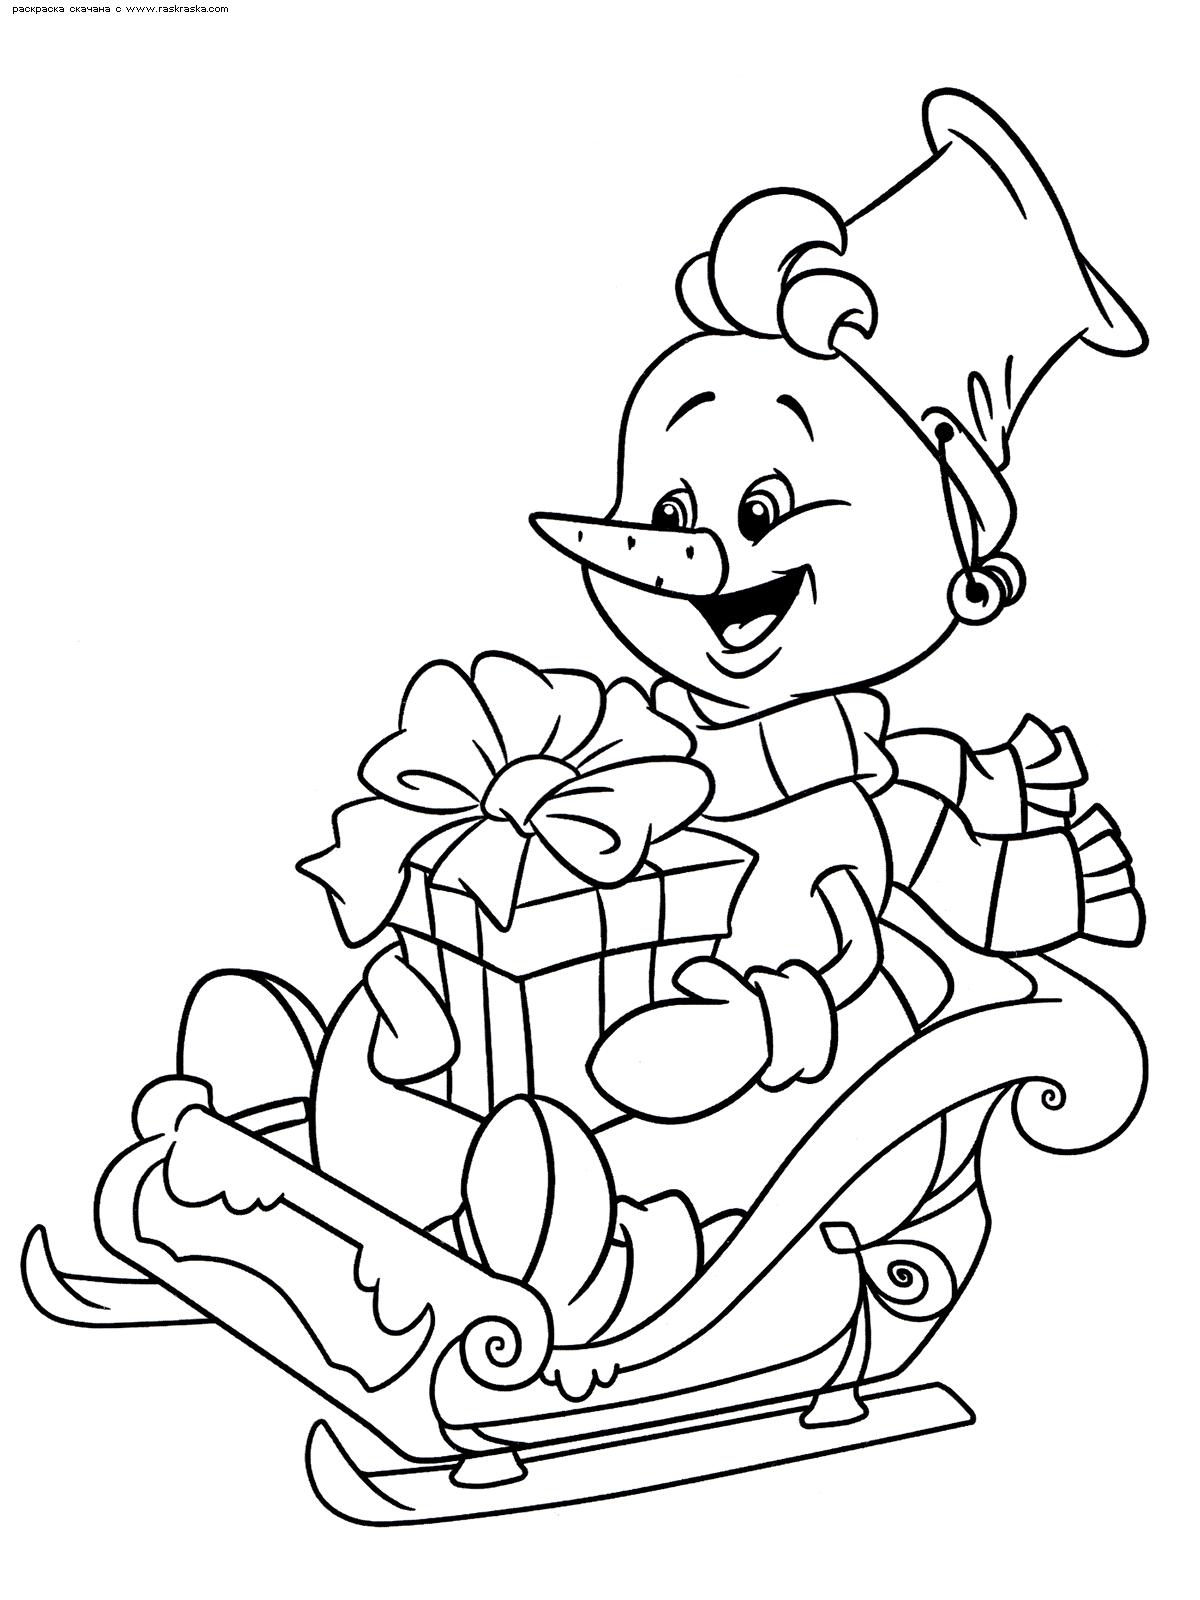 Раскраска Снеговик везет подарки. Раскраска снеговик. сани, подарки